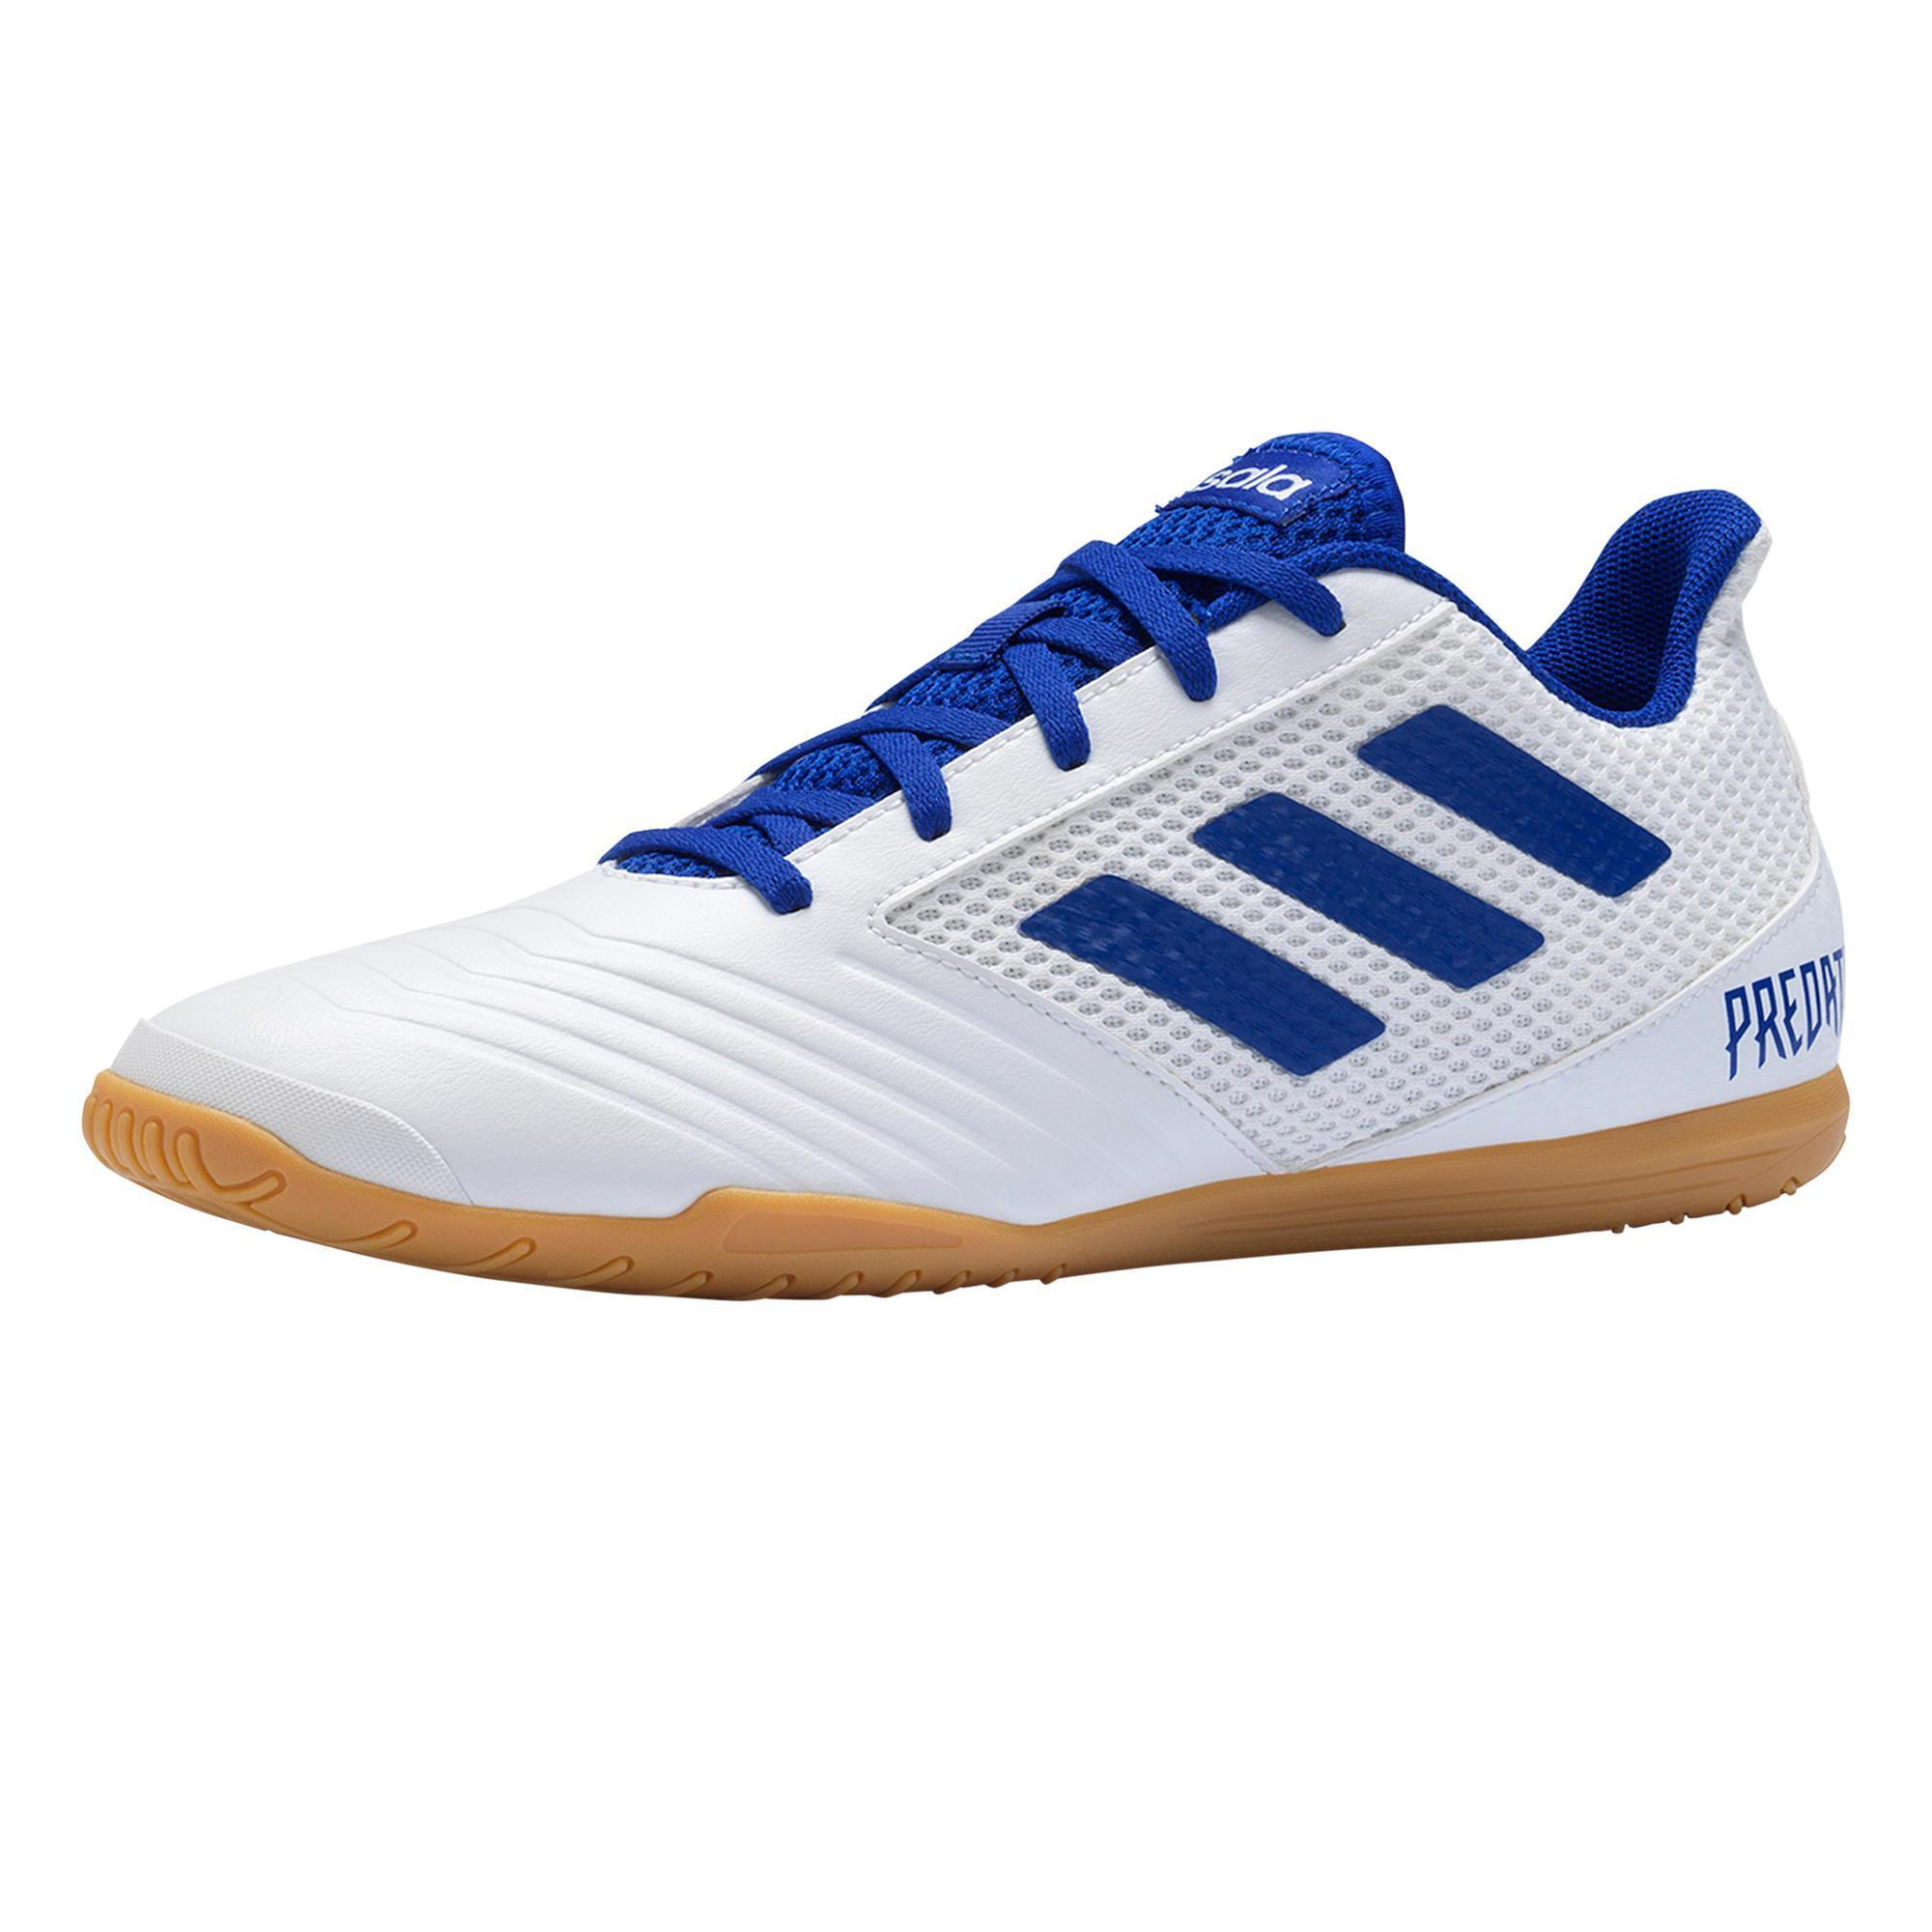 Hallenschuhe Futsal Fußball Predator Tango 4 FS19 Erwachsene weiß/blau | Schuhe > Sportschuhe > Hallenschuhe | Adidas